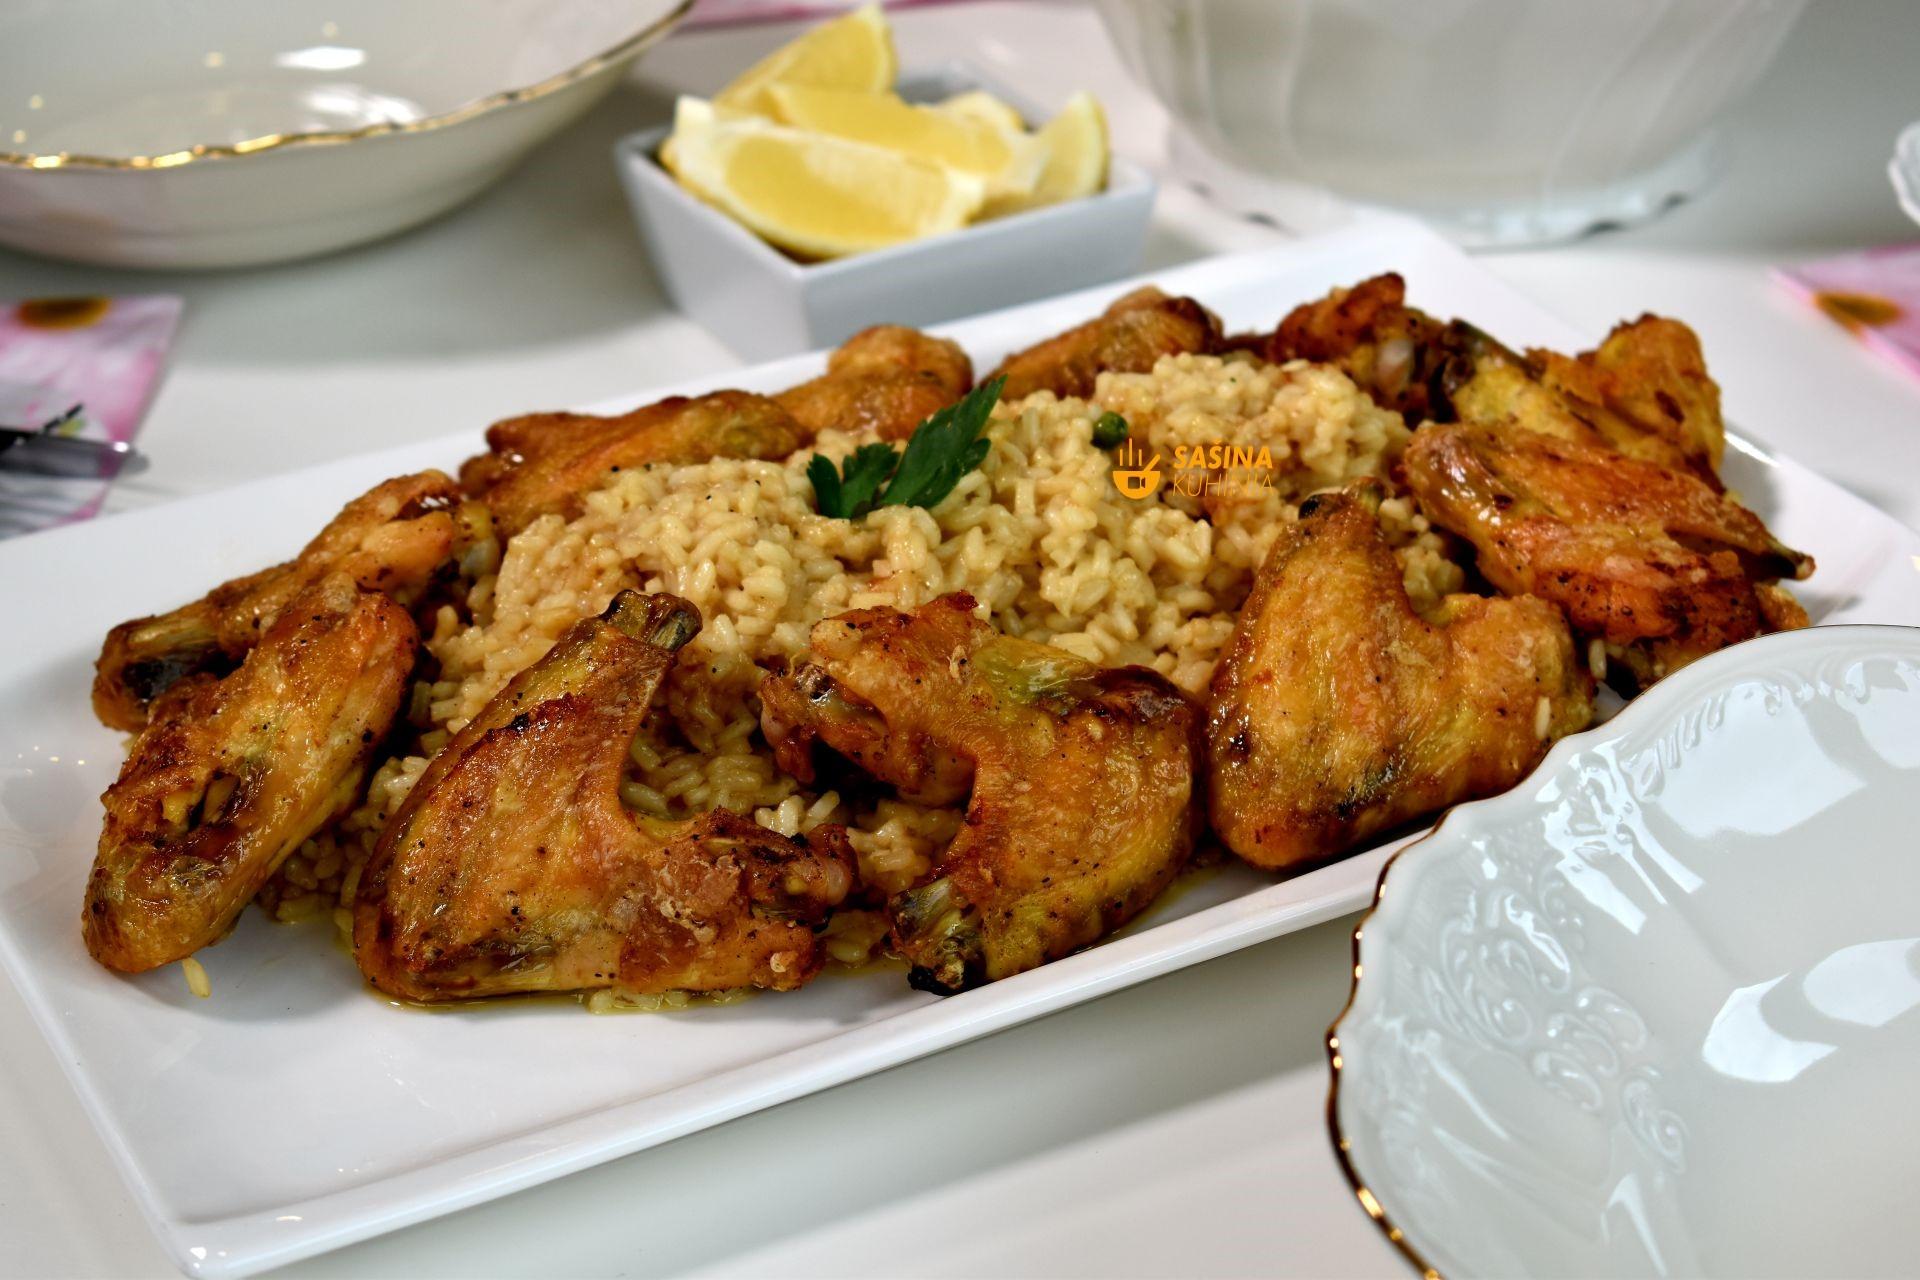 meni omiljen ručak recepti ideja pileća krilca iz pećnice sa rižom i pileća juha